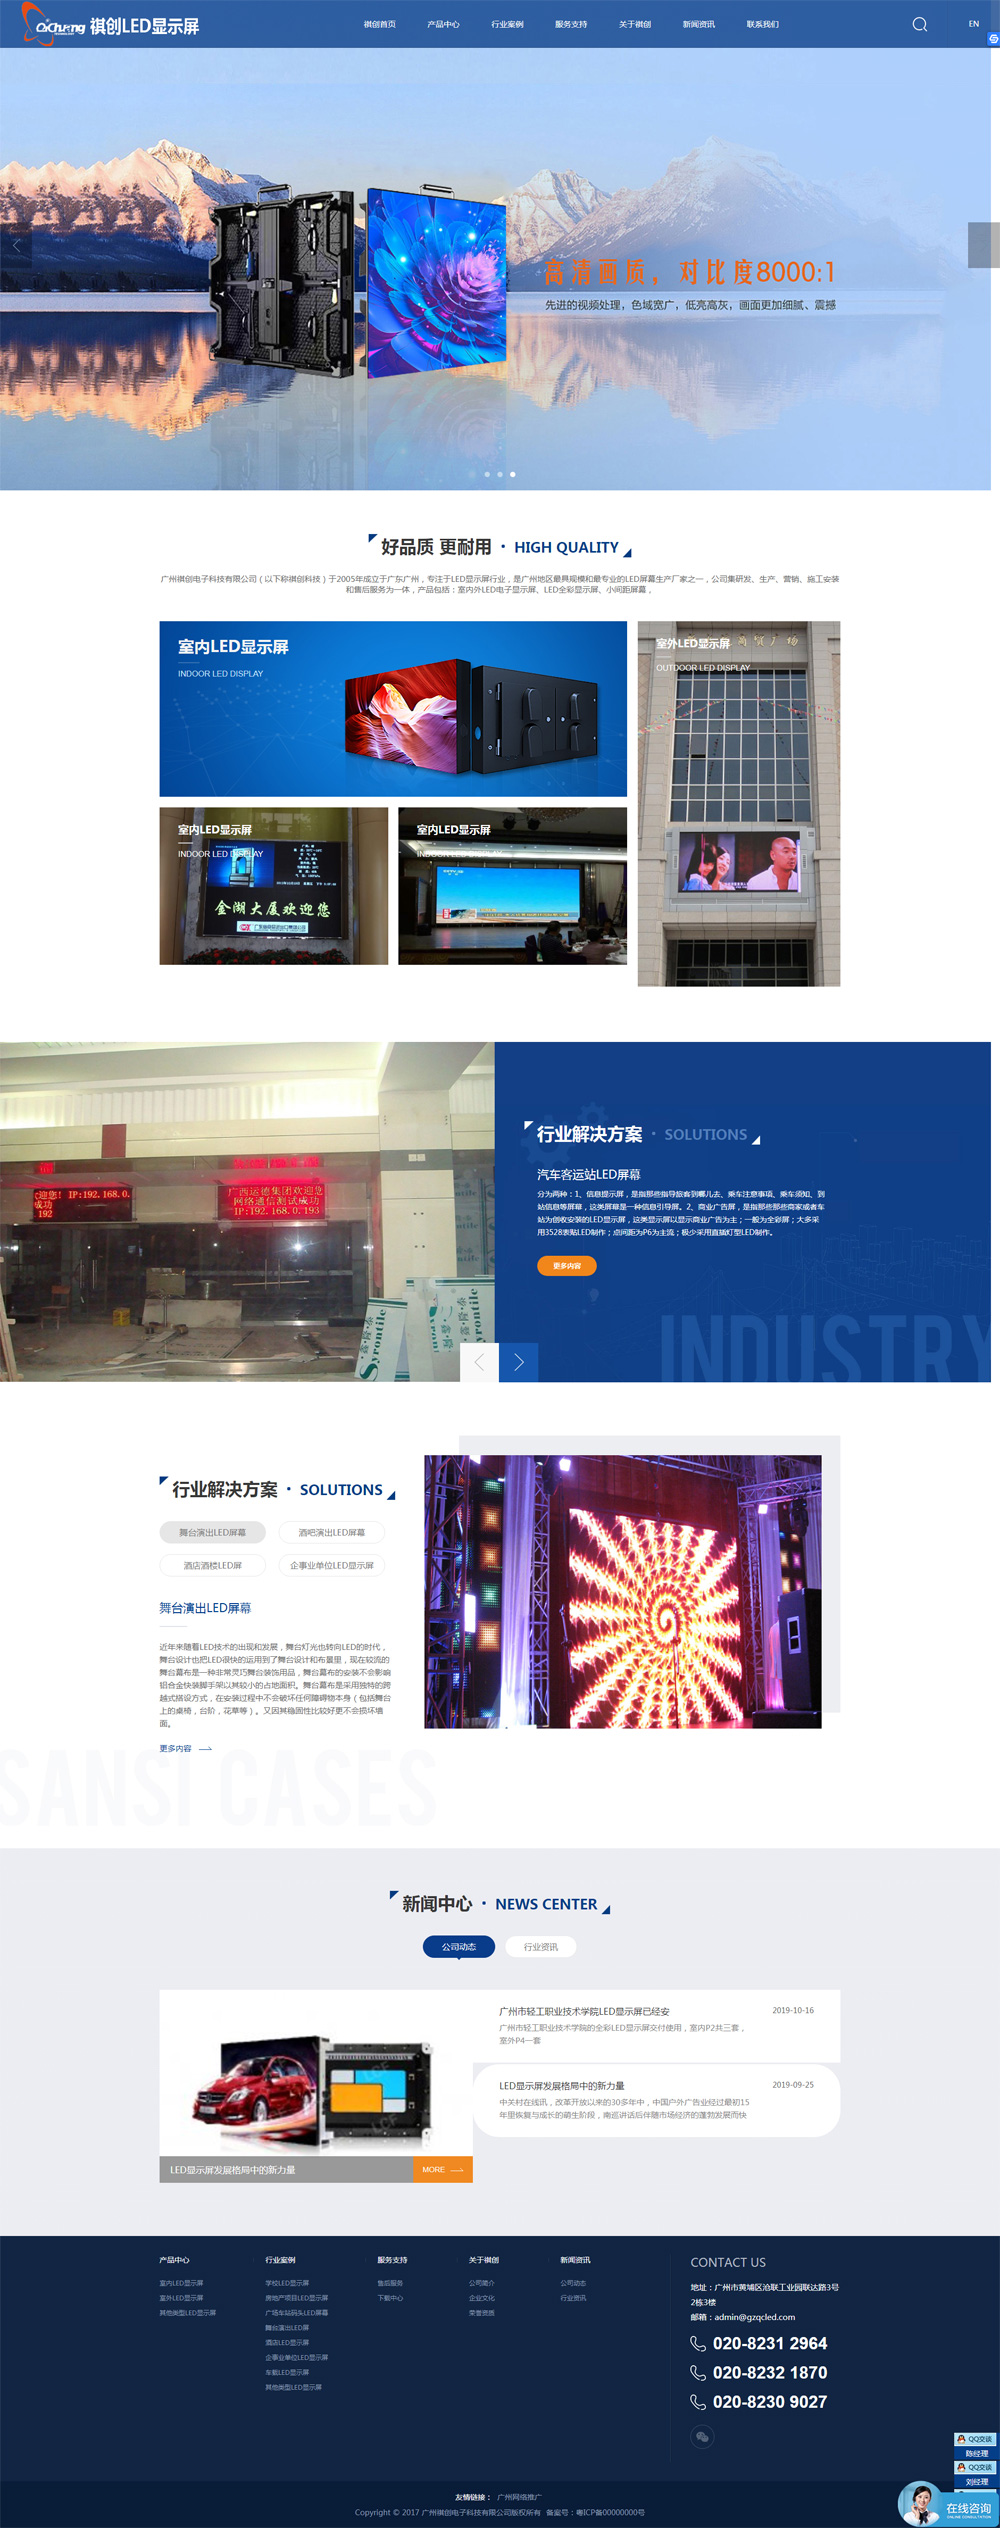 中文版网站